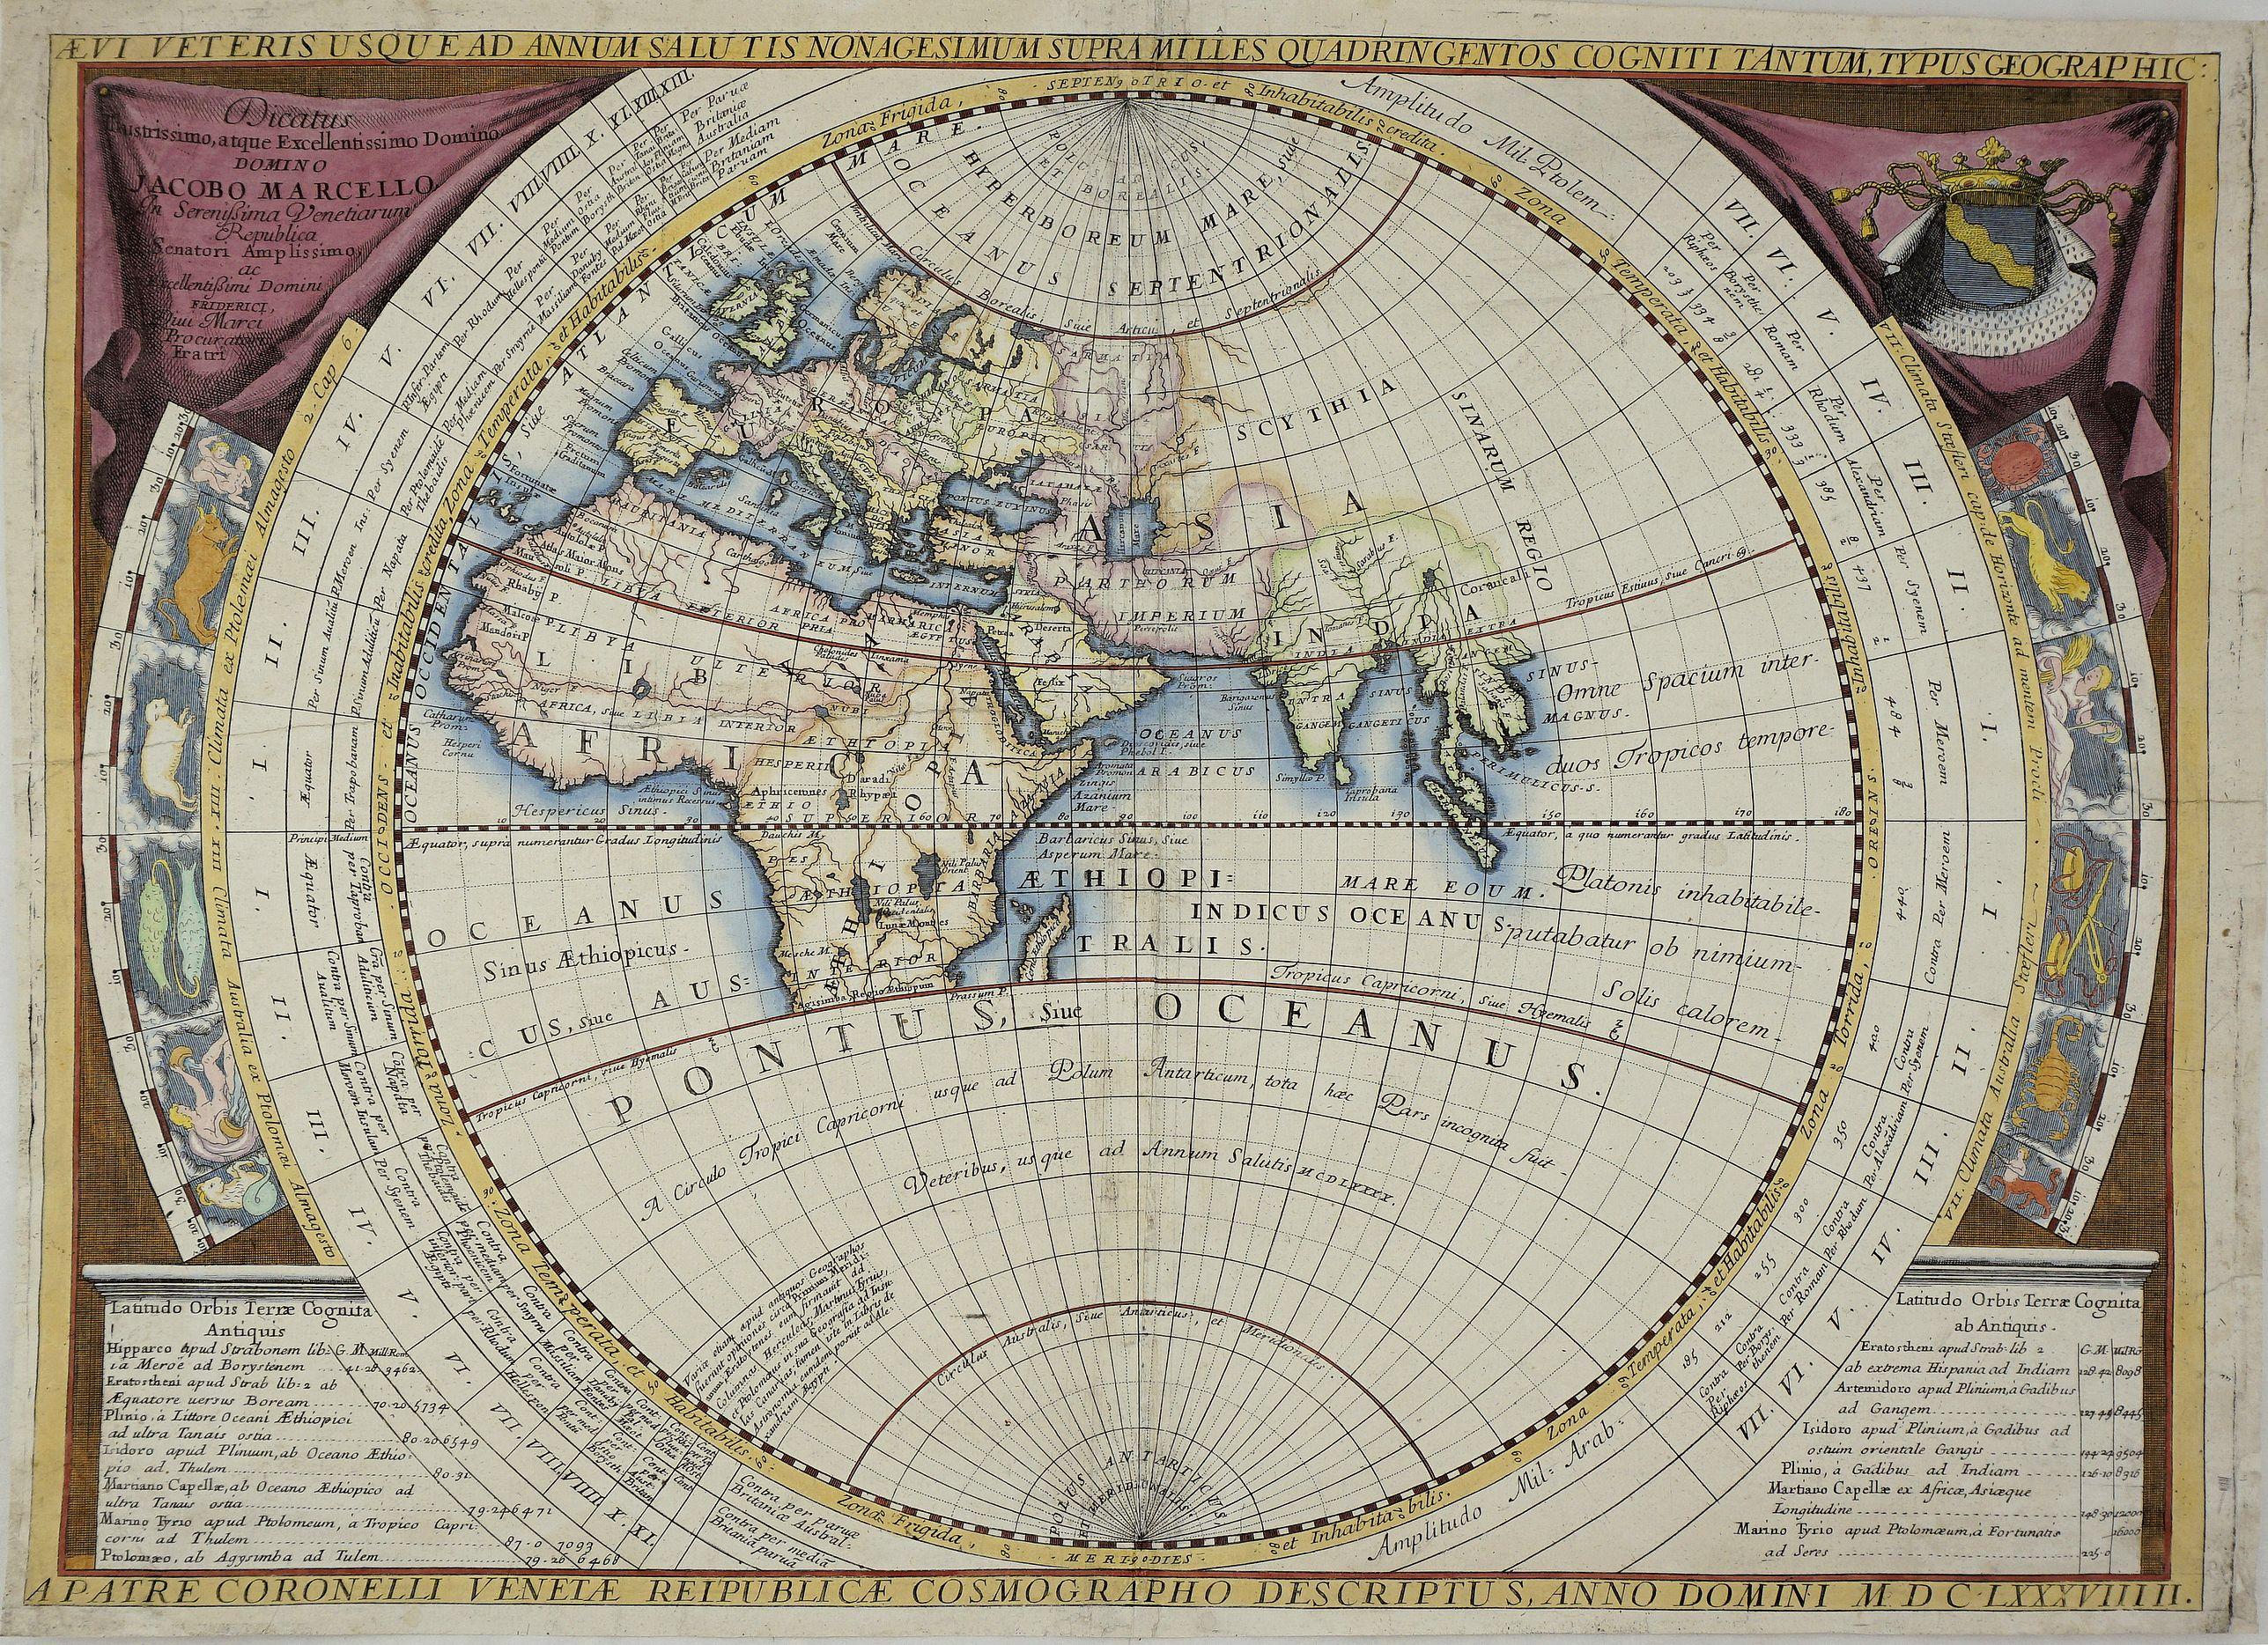 CORONELLI, V. M. - Aevi Veteris Usque Ad Annum Salutis Nonagesimum Supra Milles Quaringentos Cogniti Tantum Typus Geographic: MDCLXXXVIIIII.